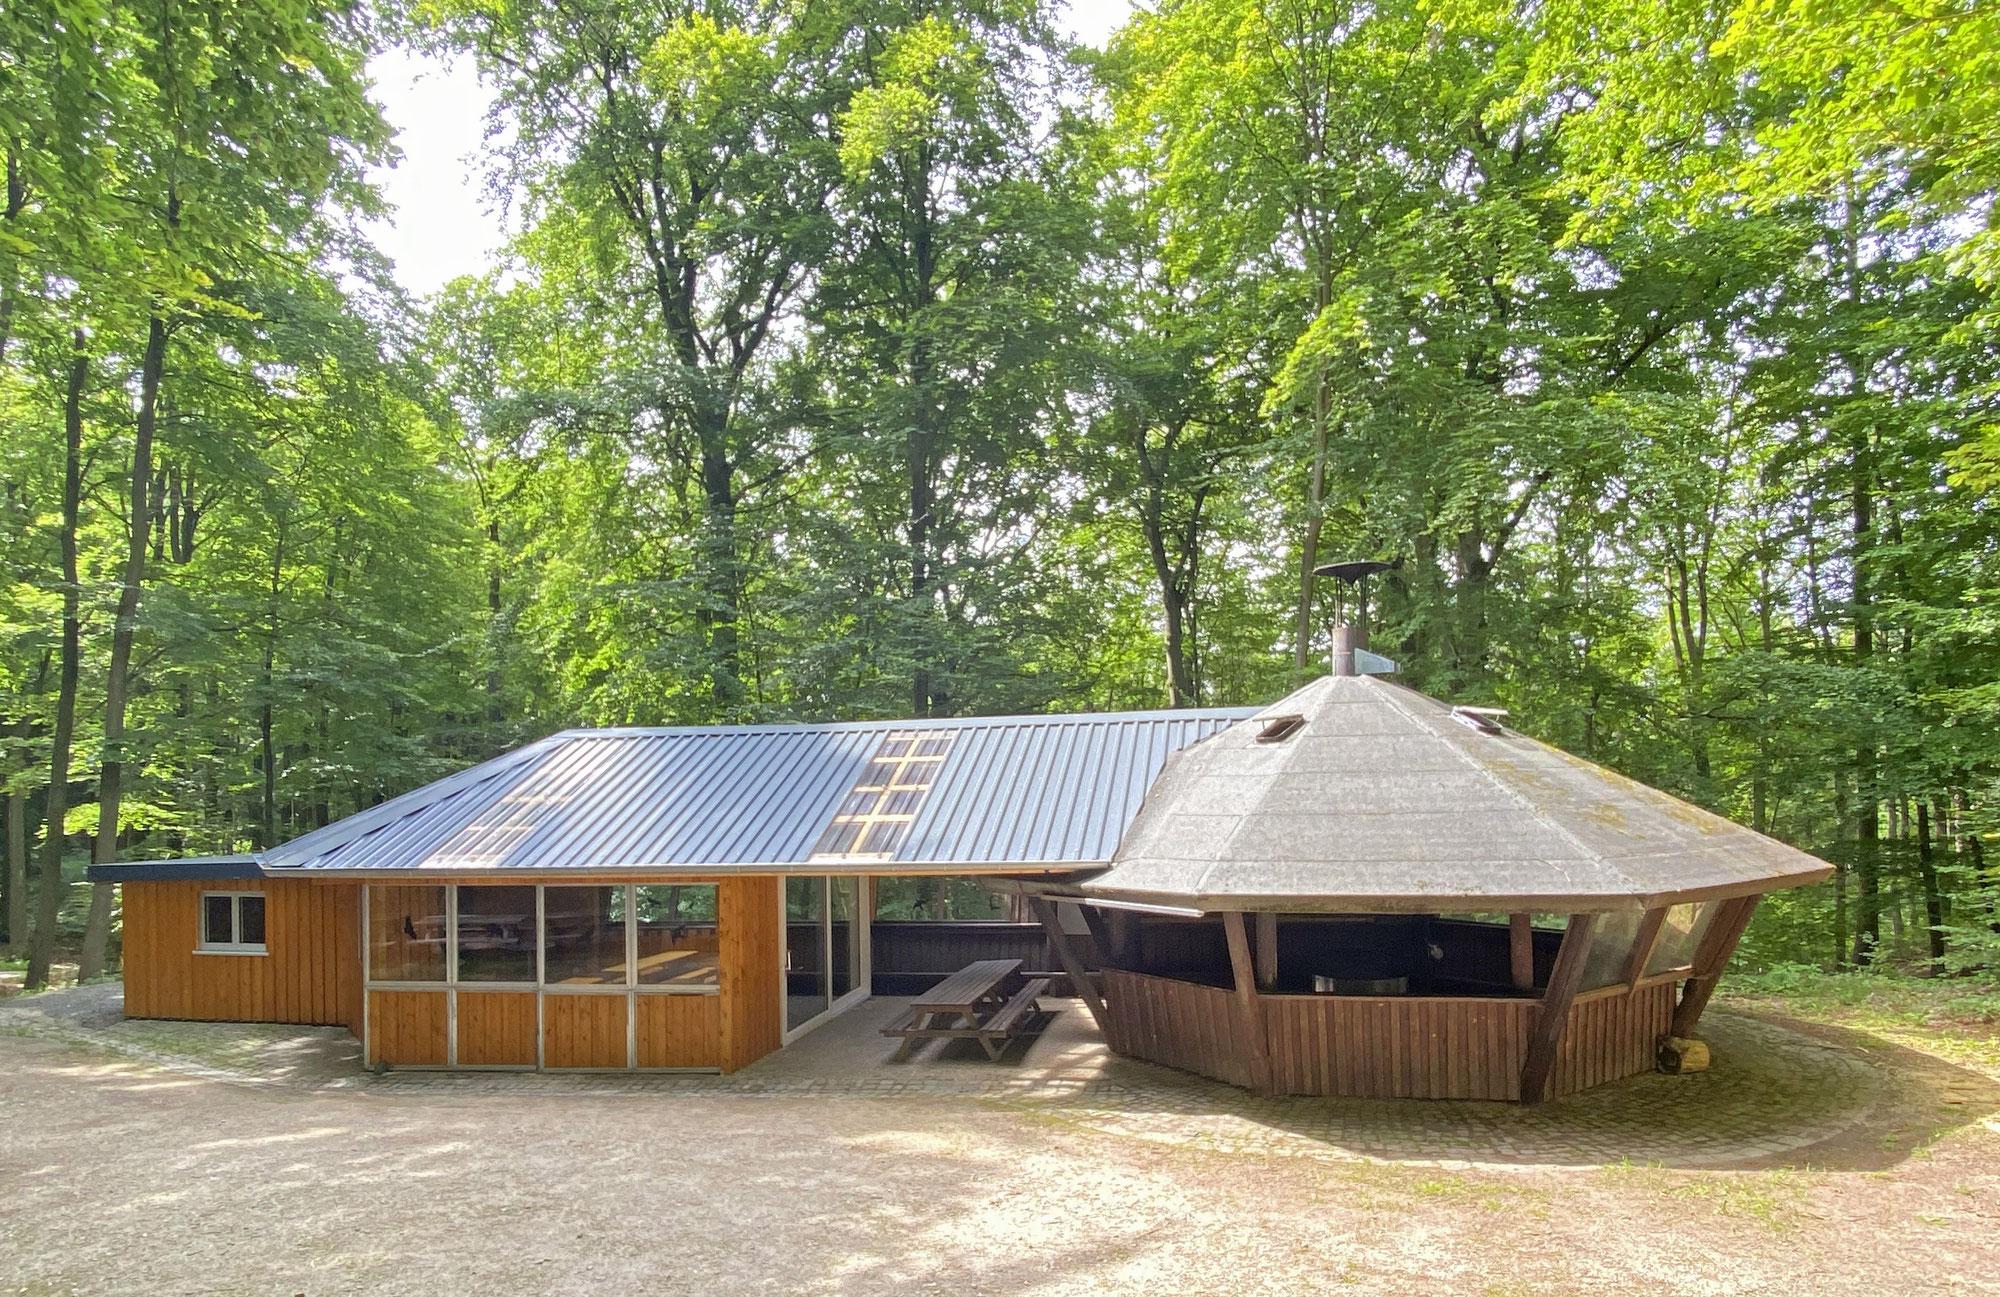 """Grillhütte """"Dubbisch"""" nach umfangreicher Sanierung wieder zur Nutzung freigegeben"""